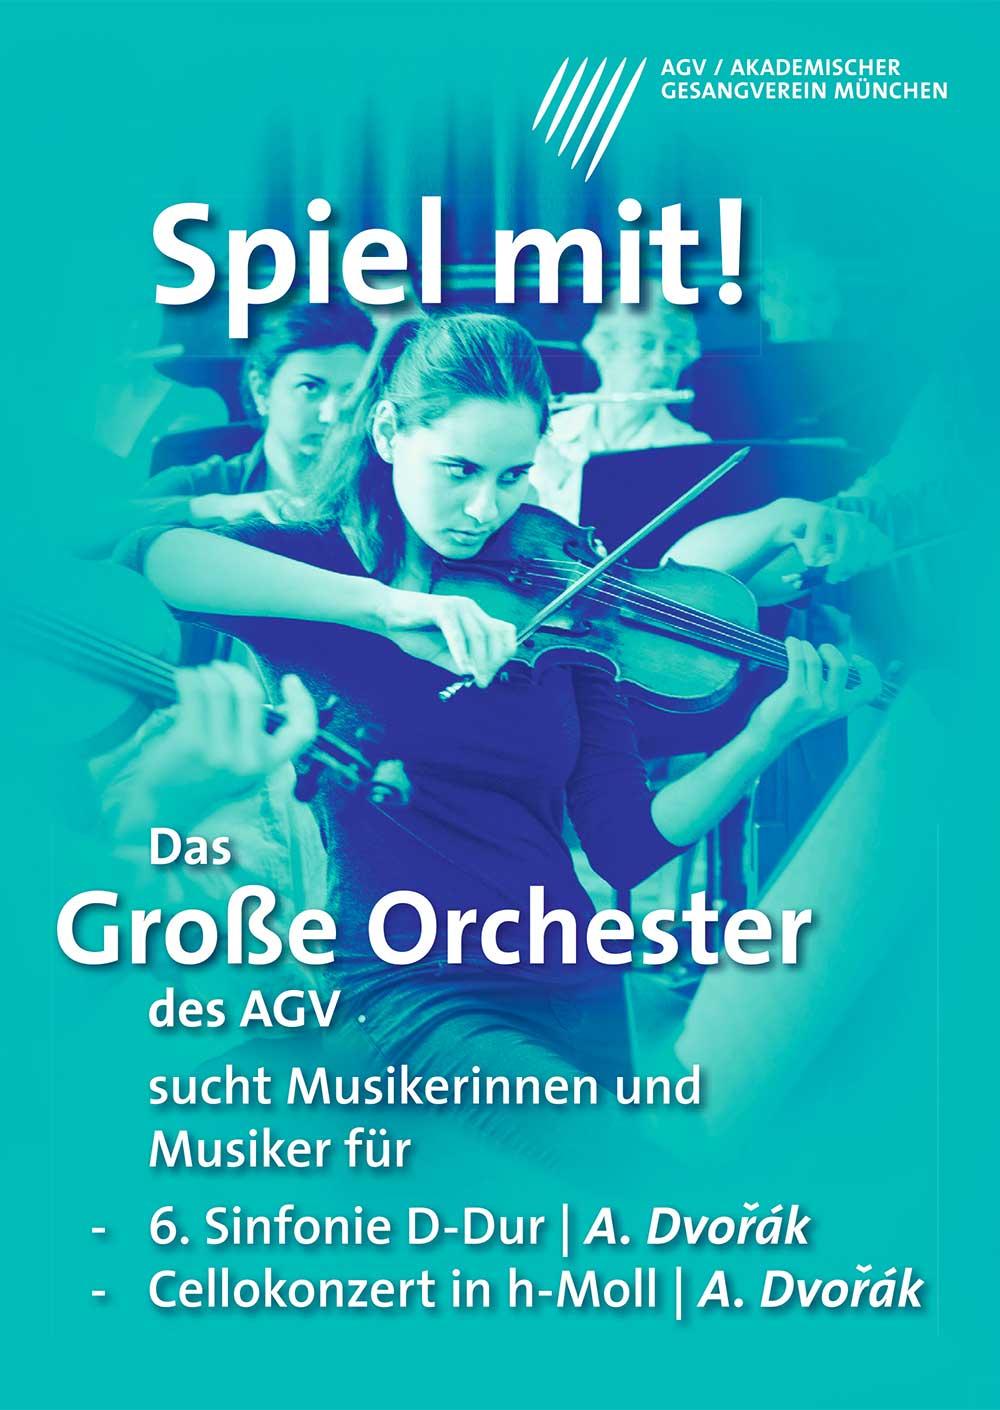 Akademischer Gesangsverein München Orchester Spiel mit Poster